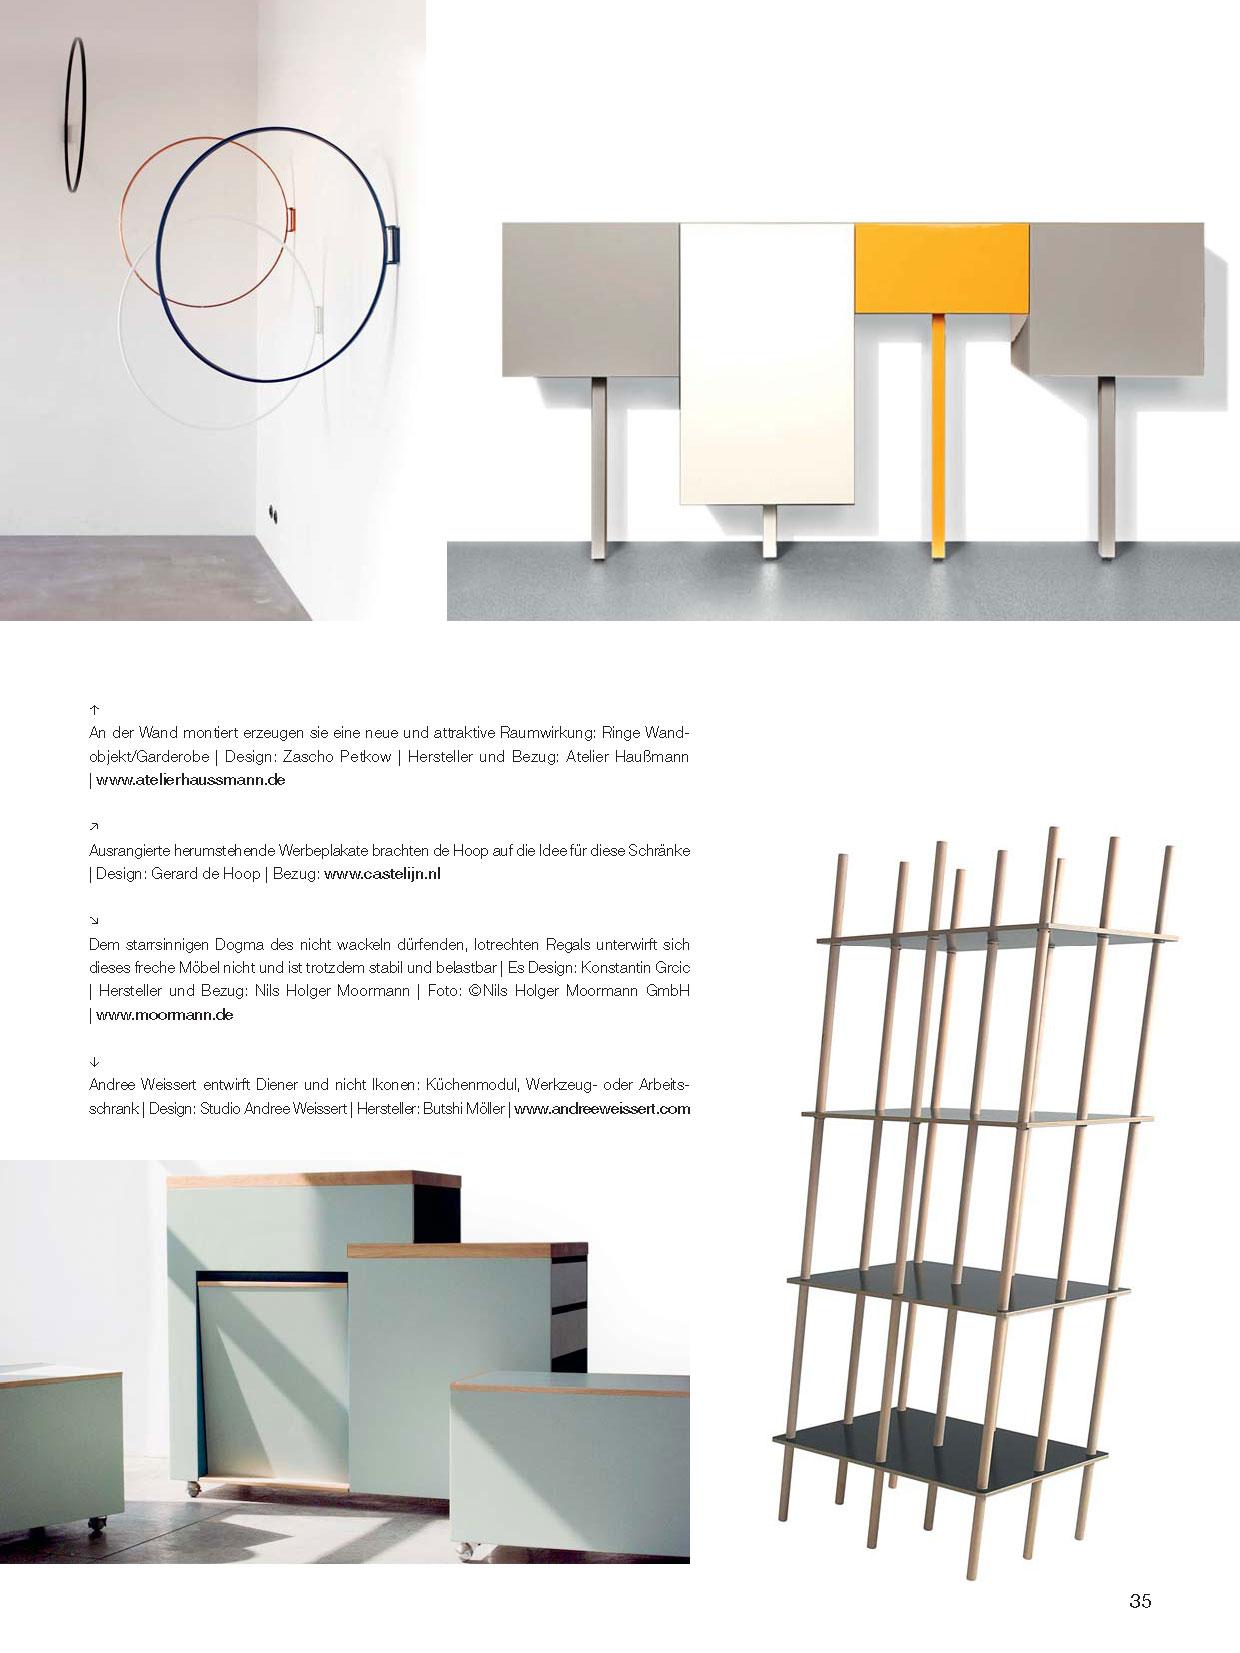 publicatie 2013 inform 03